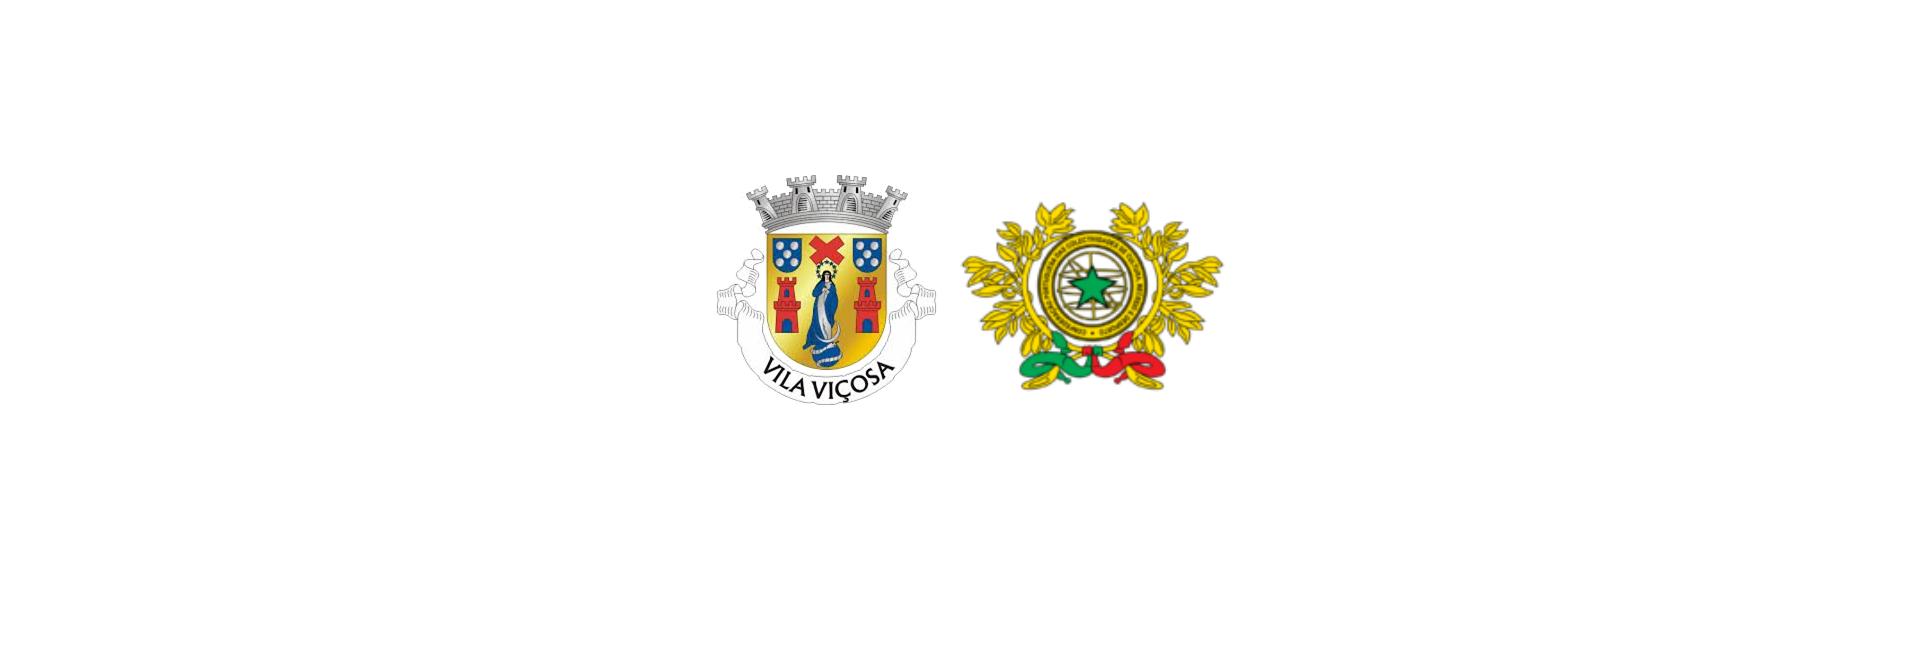 Protocolo de Cooperação Entre o Município de Vila Viçosa e a Confederação Portuguesa das Coletividades de Cultura, Recreio e Desporto